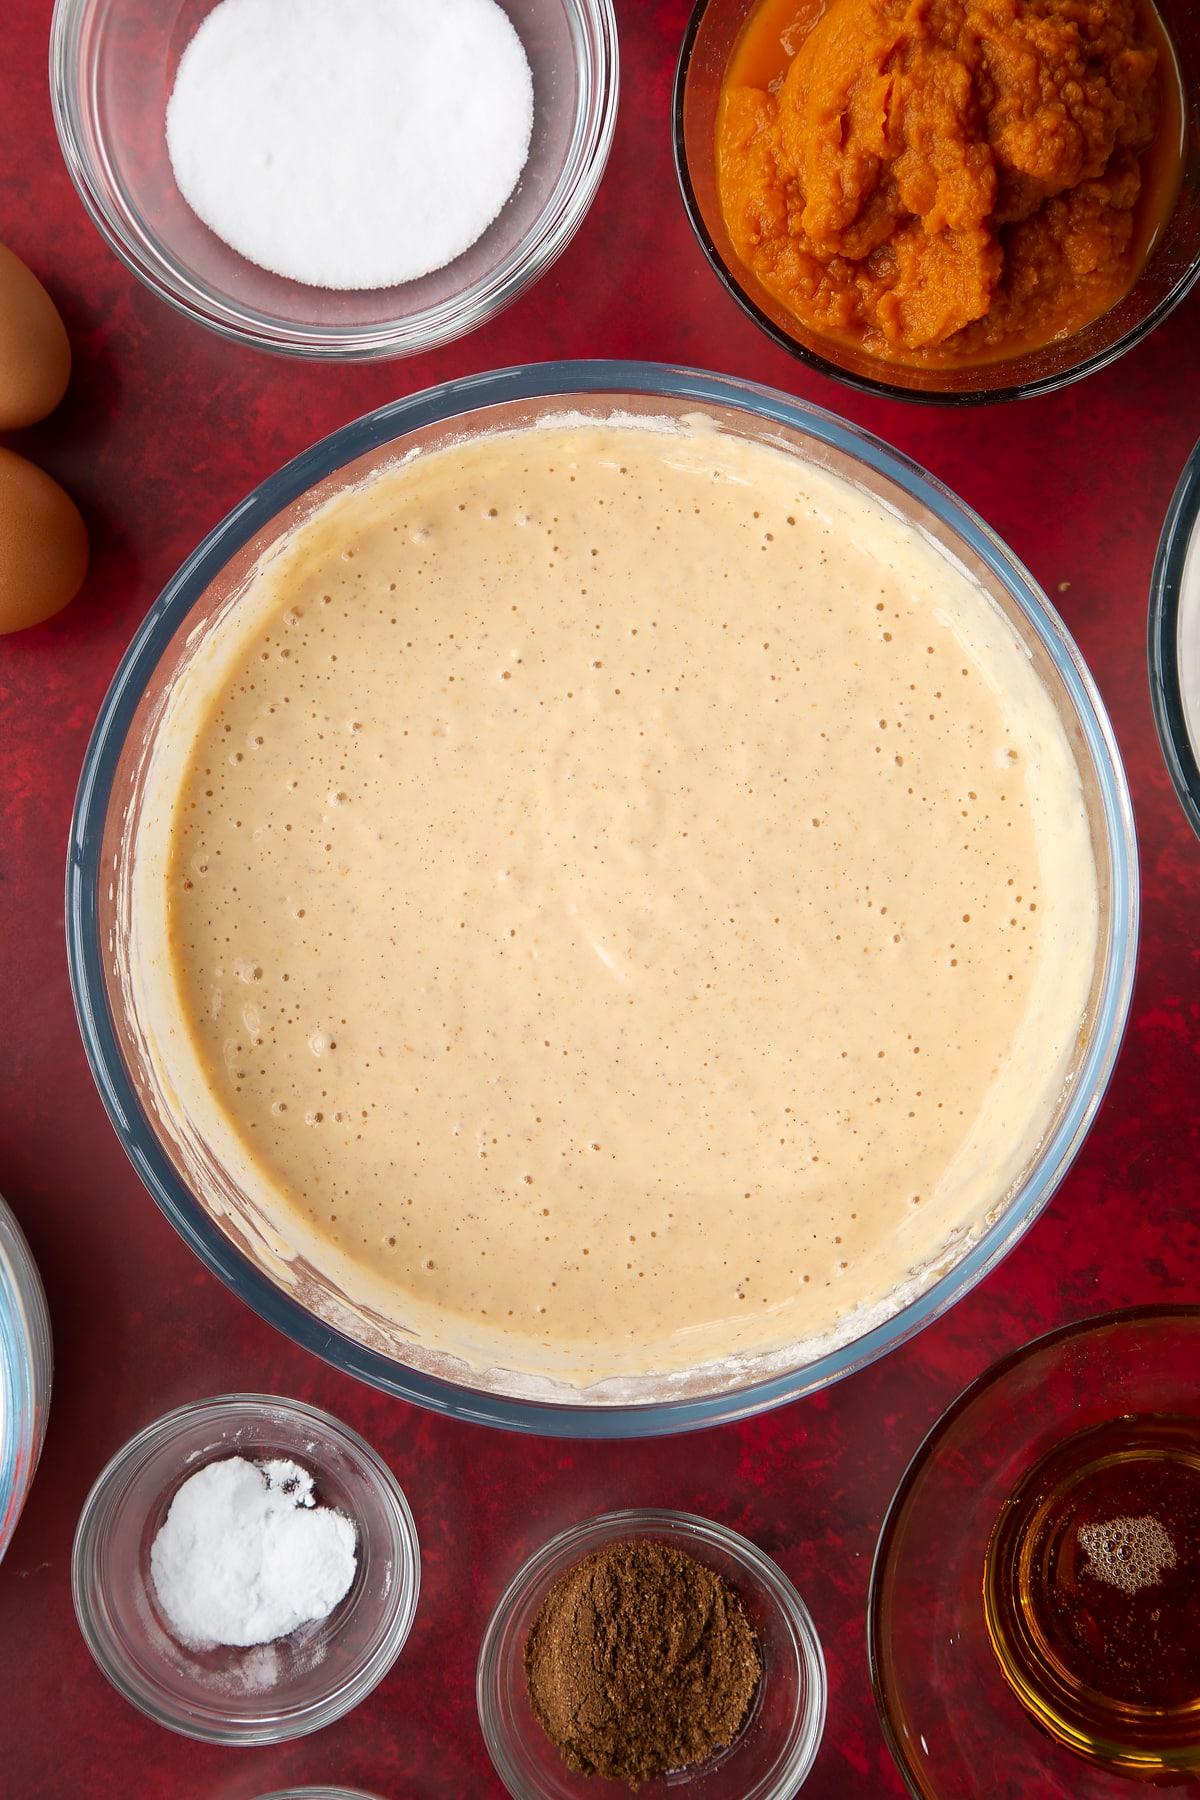 Pumpkin pancake batter in a glass mixing bowl. Ingredients to make Halloween pancakes surround the bowl.